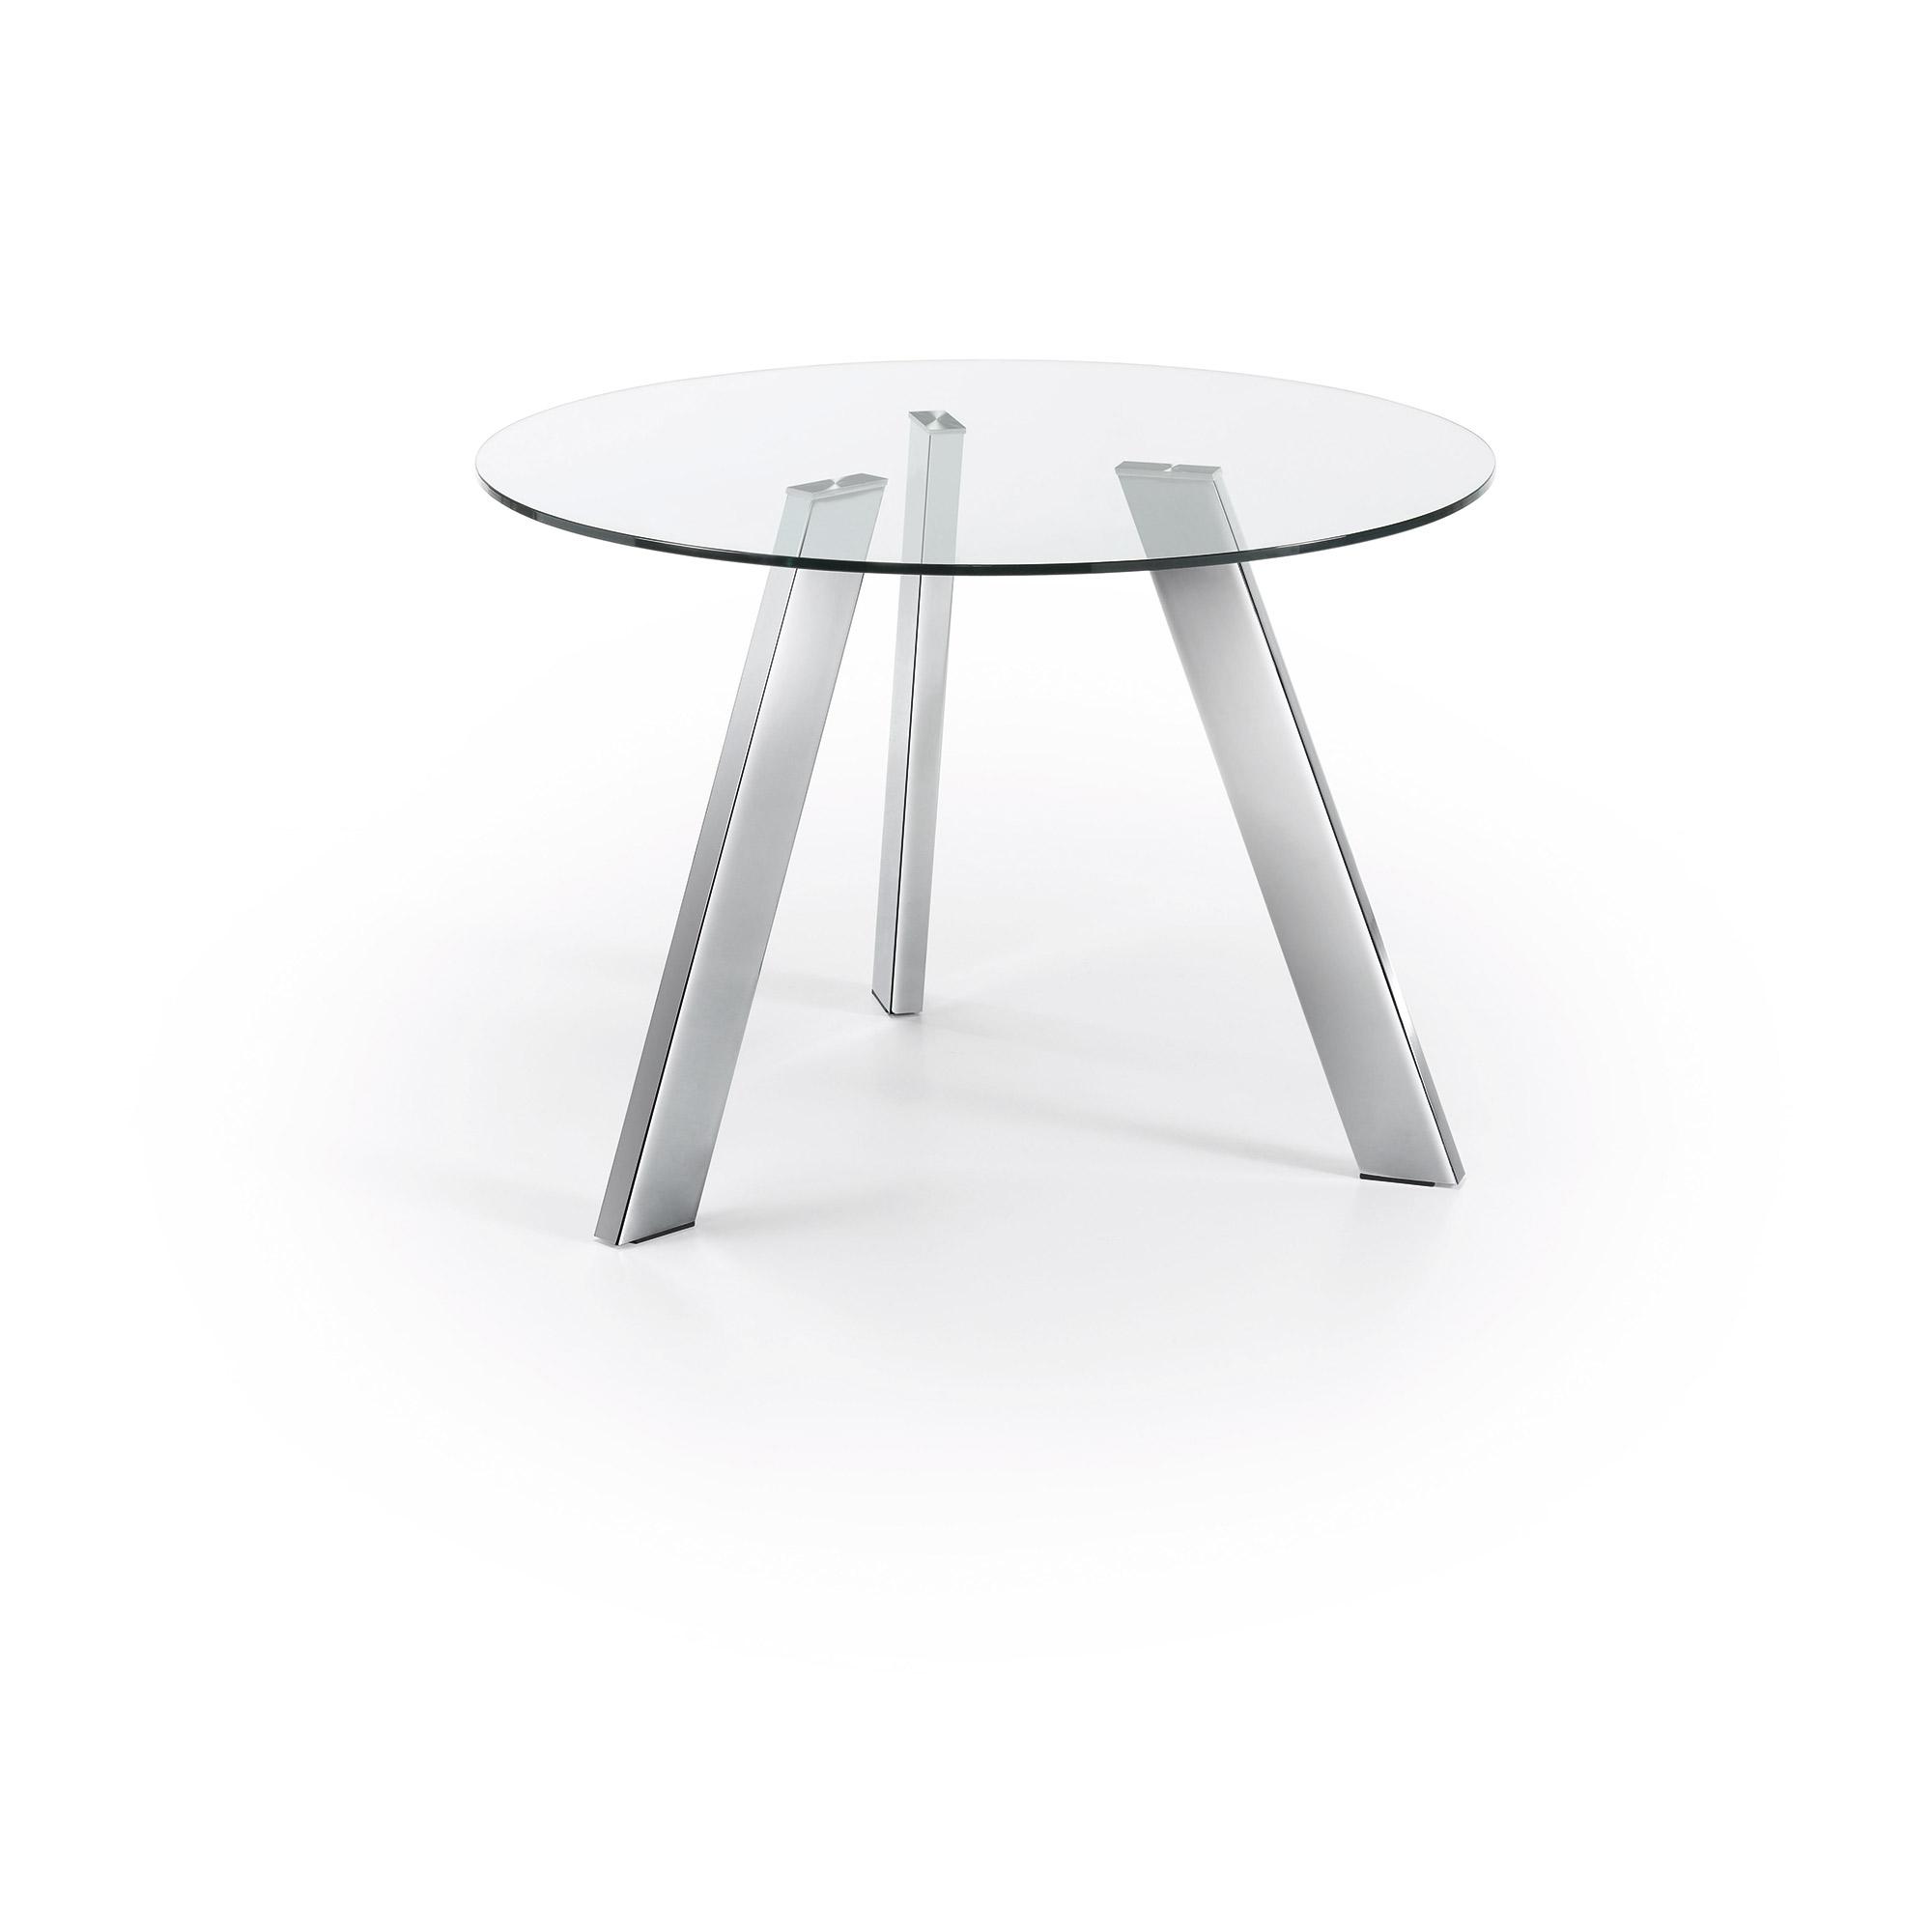 laforma – Laforma columbia spisebord - klar/sølv glas/metal, rund (ø110) på boboonline.dk